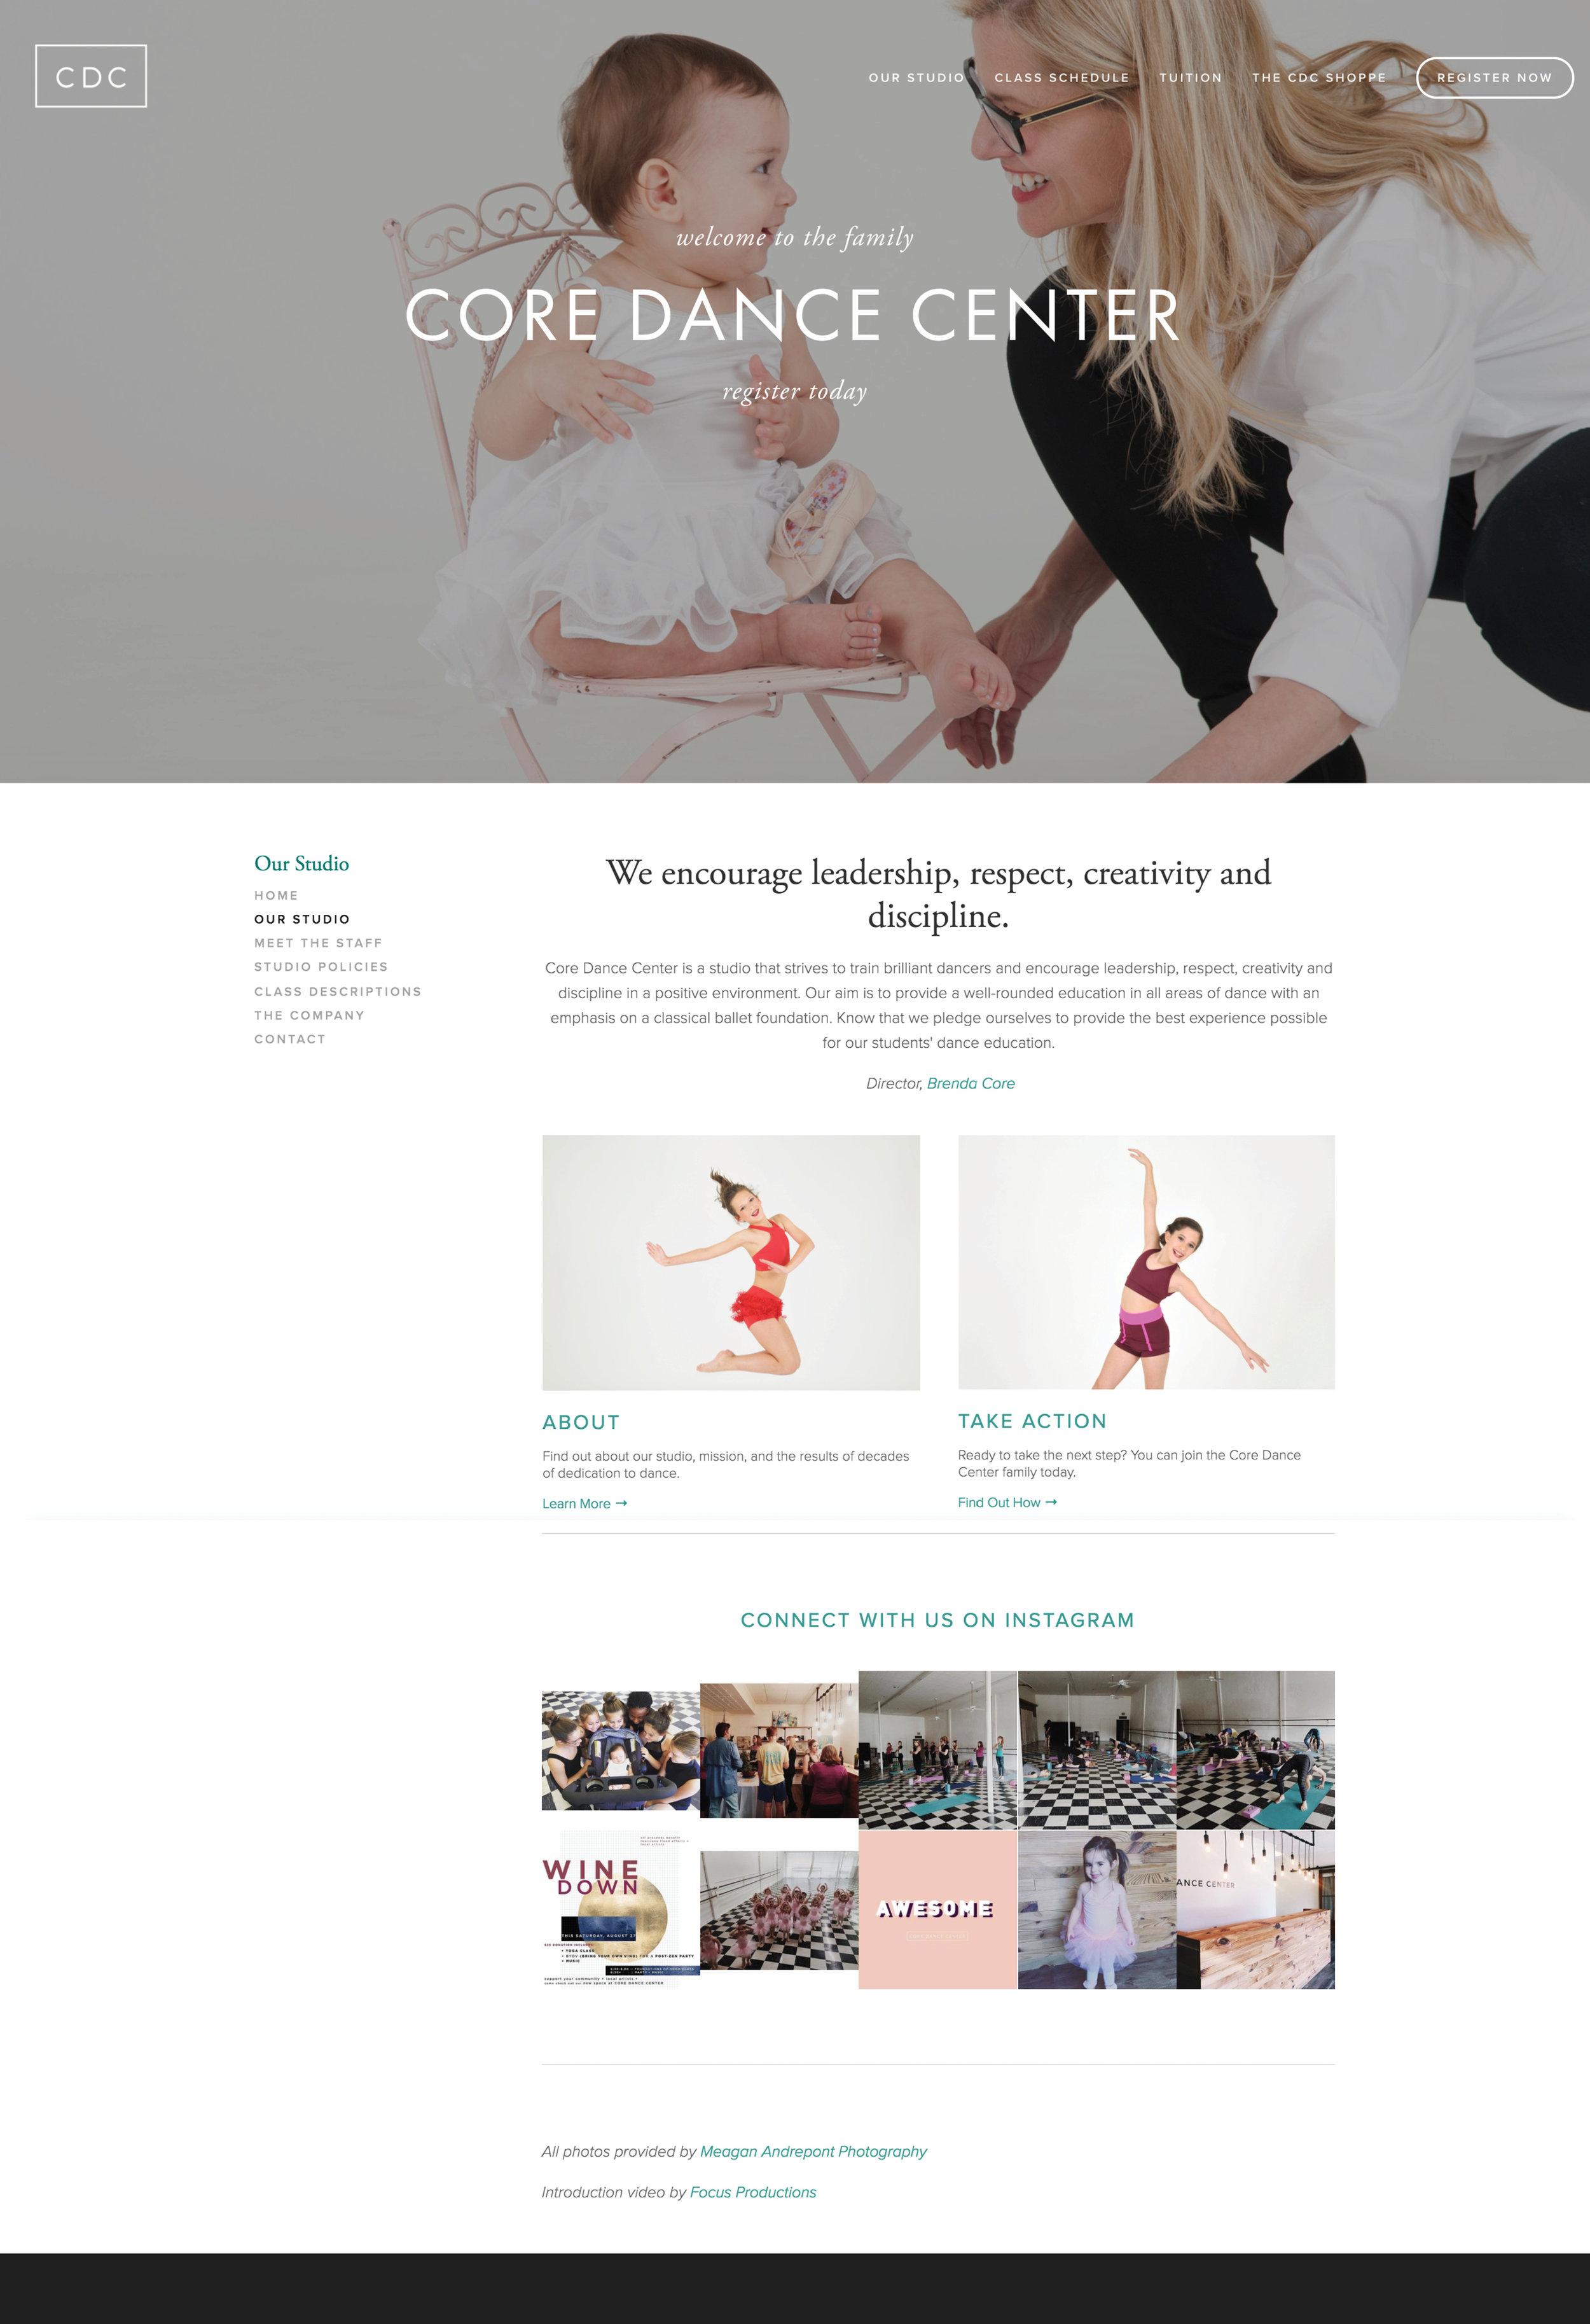 www.coredancecenter.com